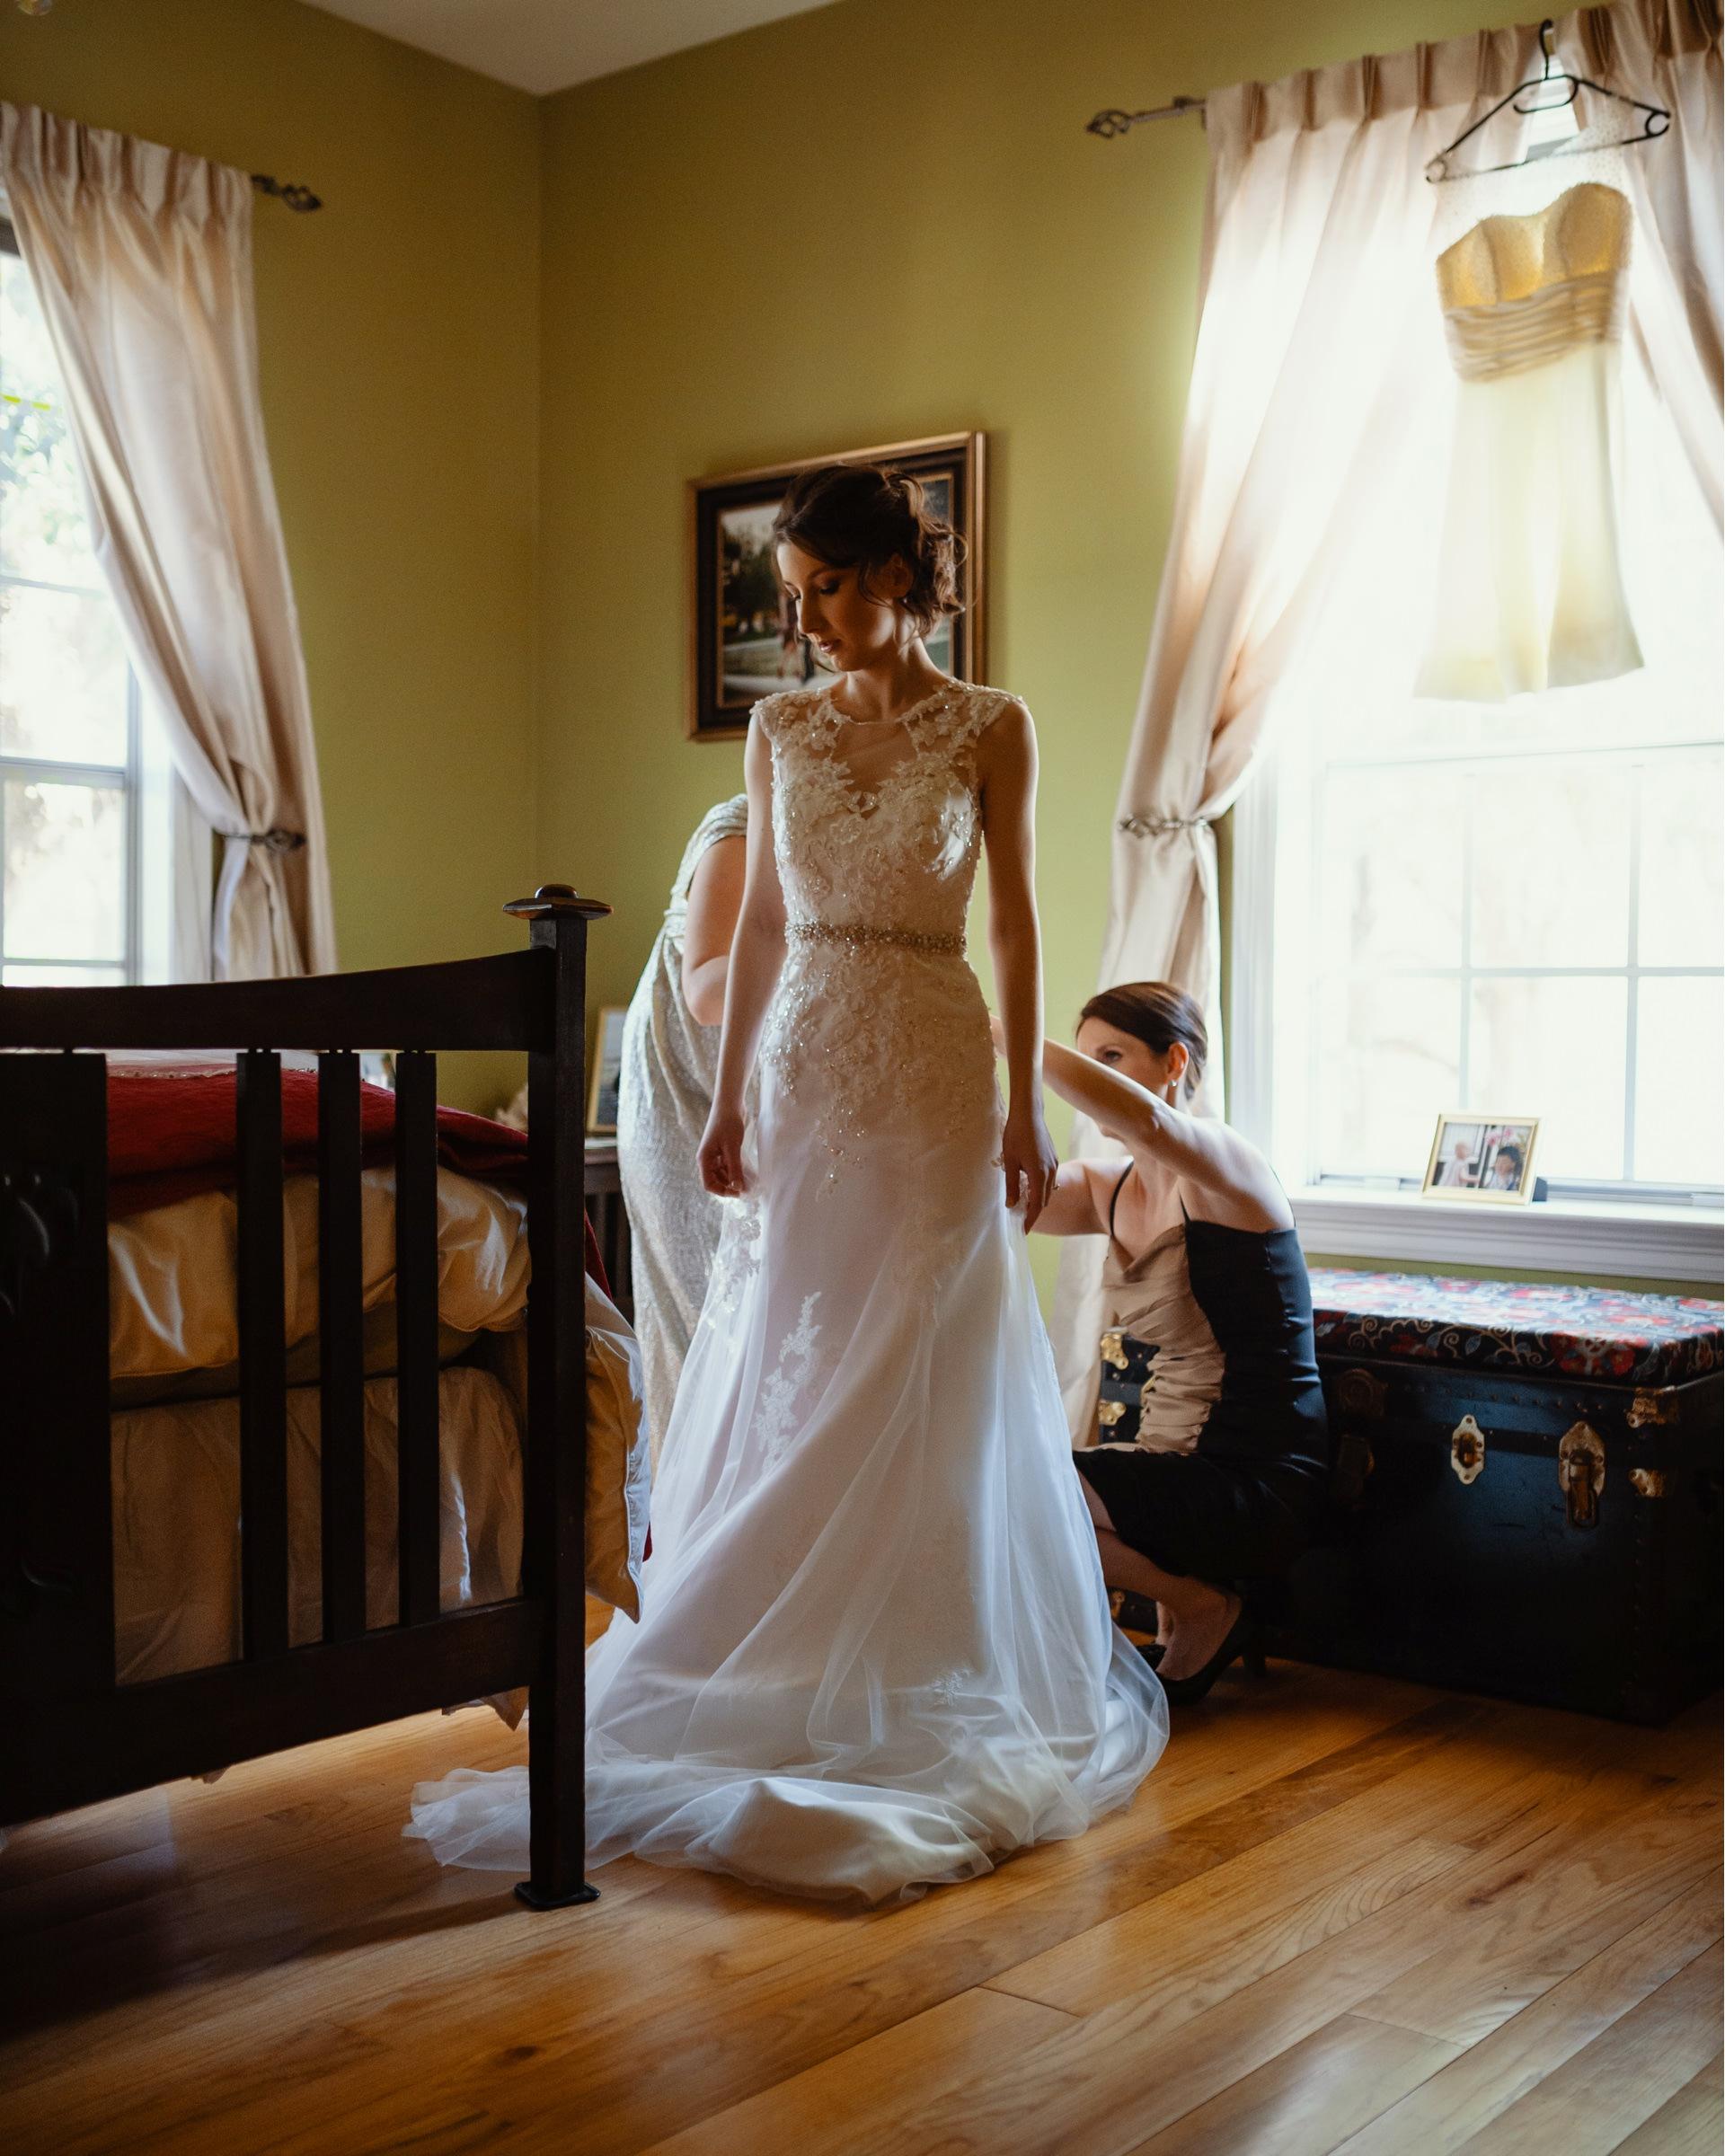 bridesmaids helping bride get dressed-new orleans-austin-houston- photo by Dark Roux